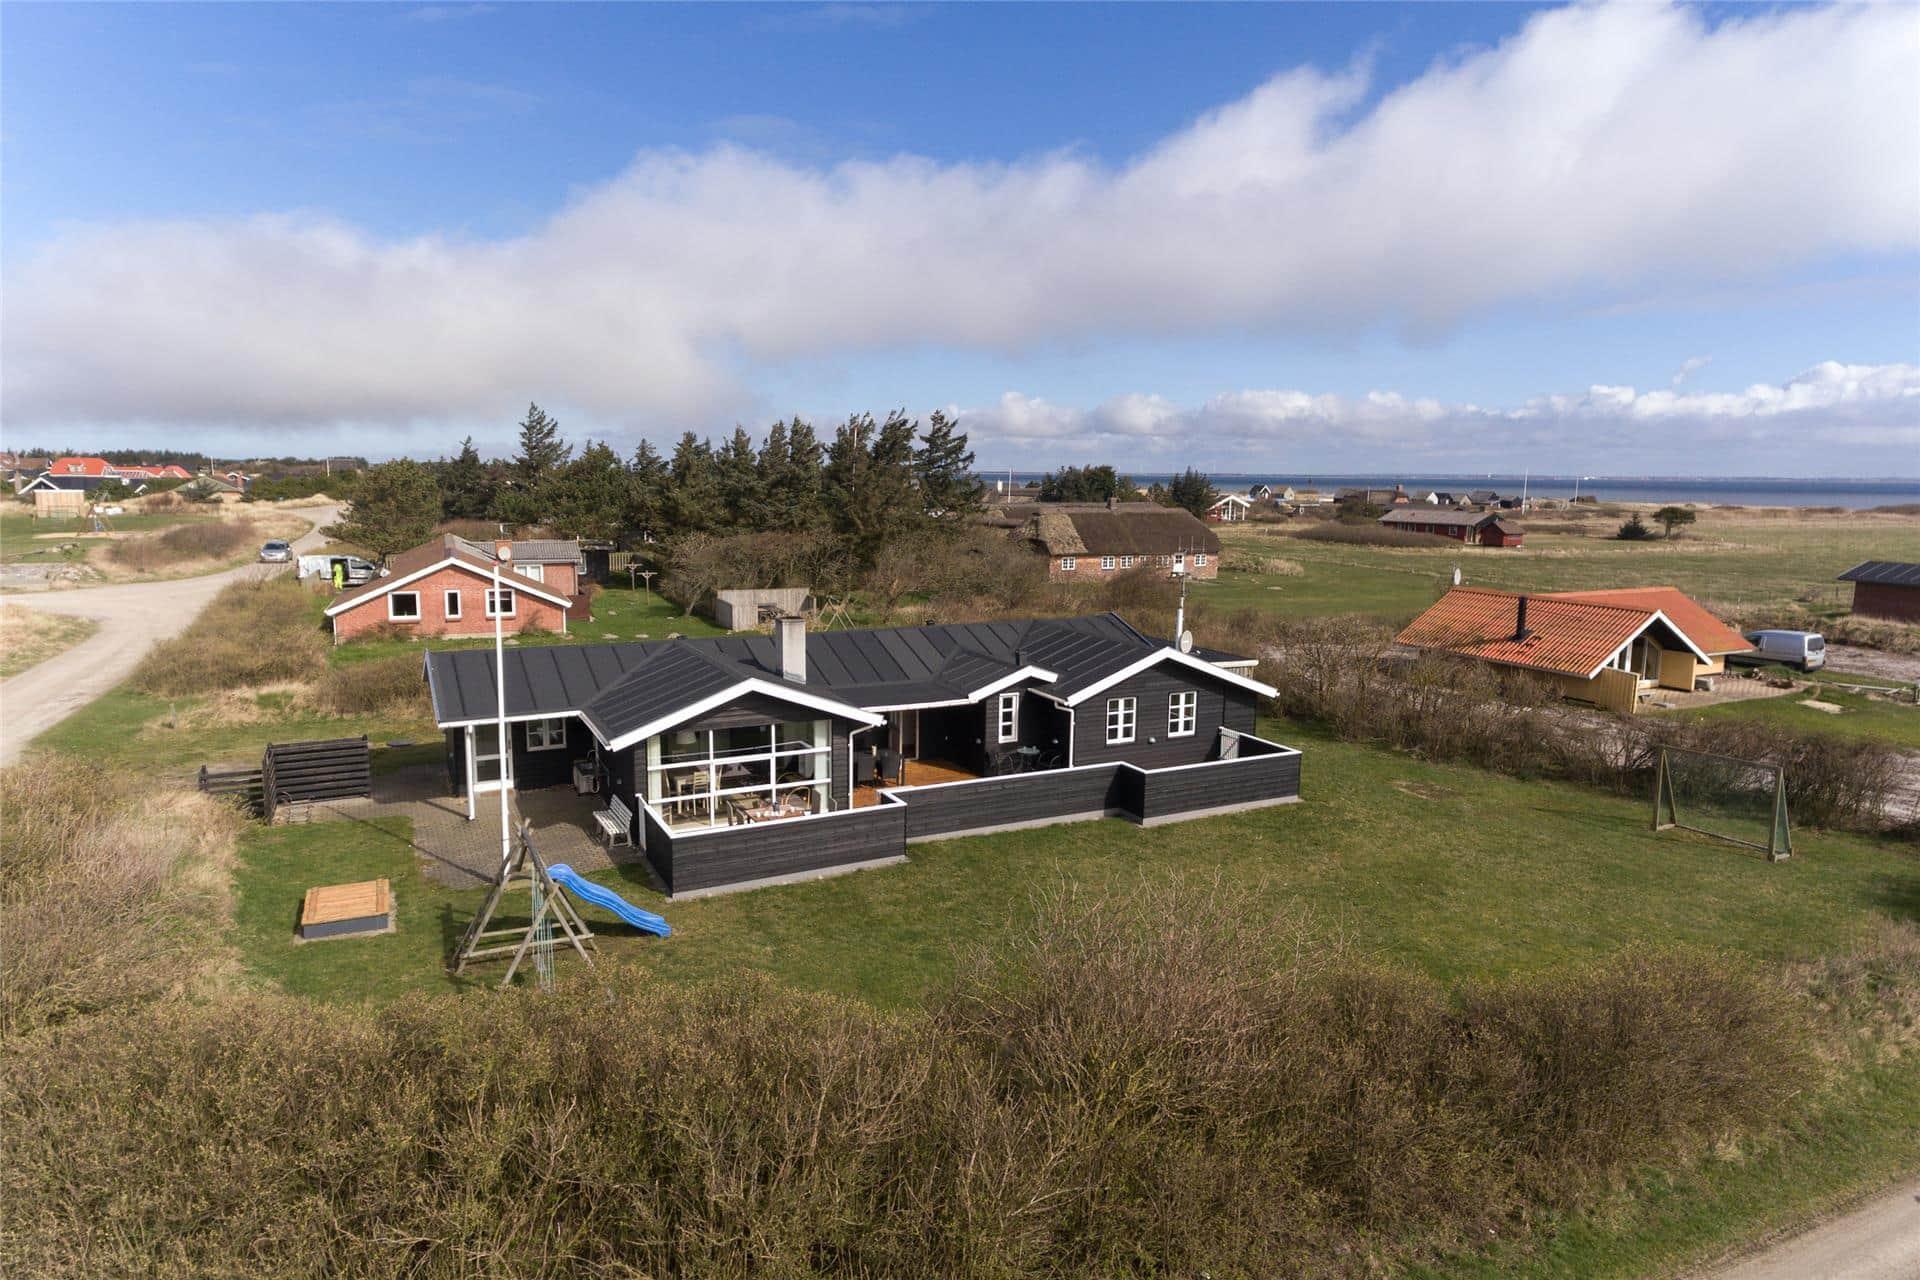 Billede 1-4 Sommerhus 310, Anker Eskildsens Vej 68, DK - 6960 Hvide Sande